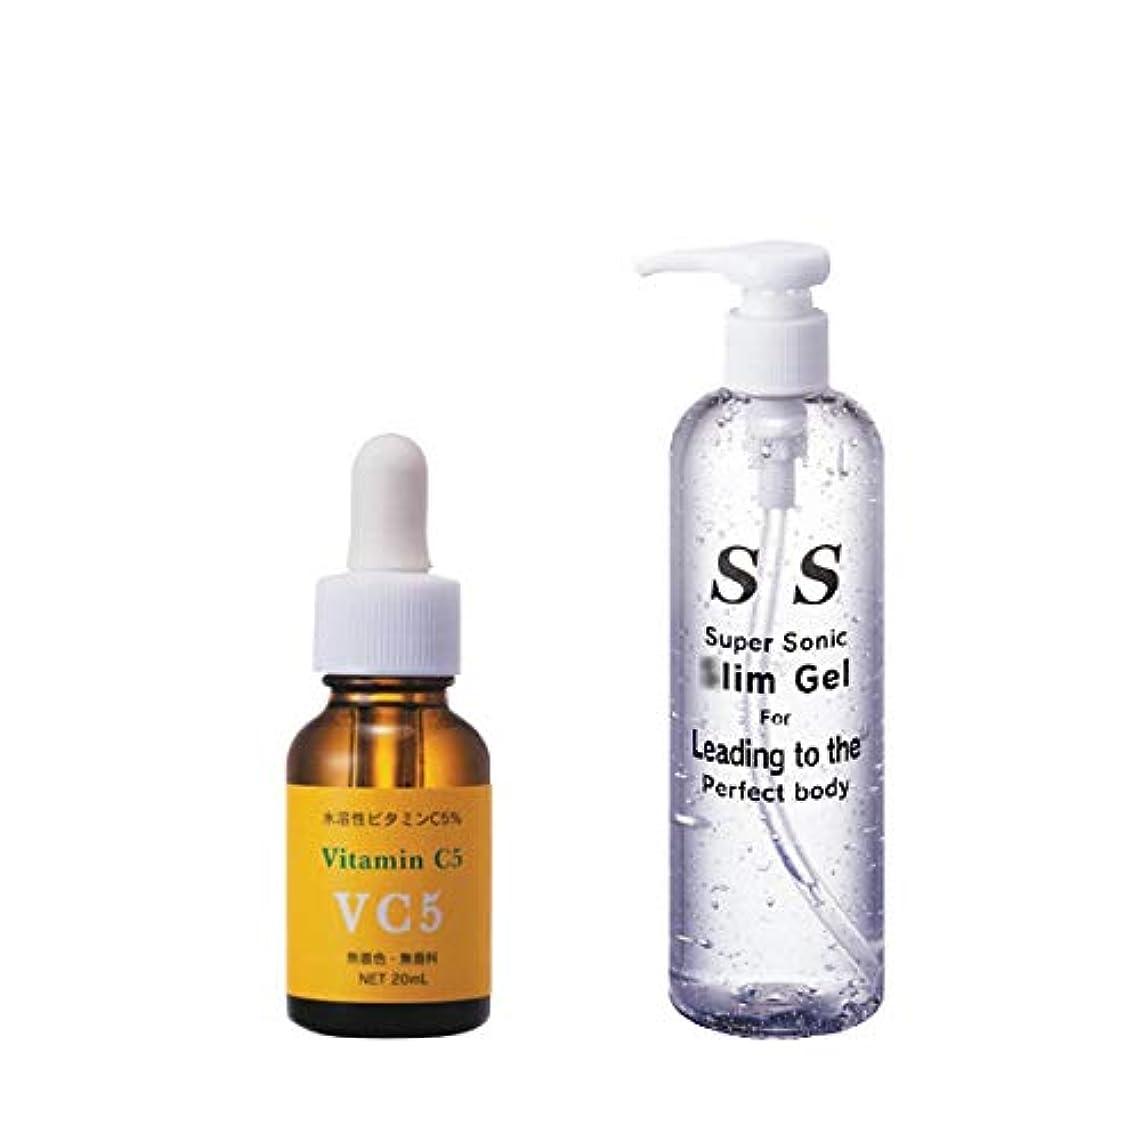 フィードバック落胆した遮るエビス化粧品(EBiS) Cエッセンス 20ml(ビタミンC 5%美容液) & SSジェル315g